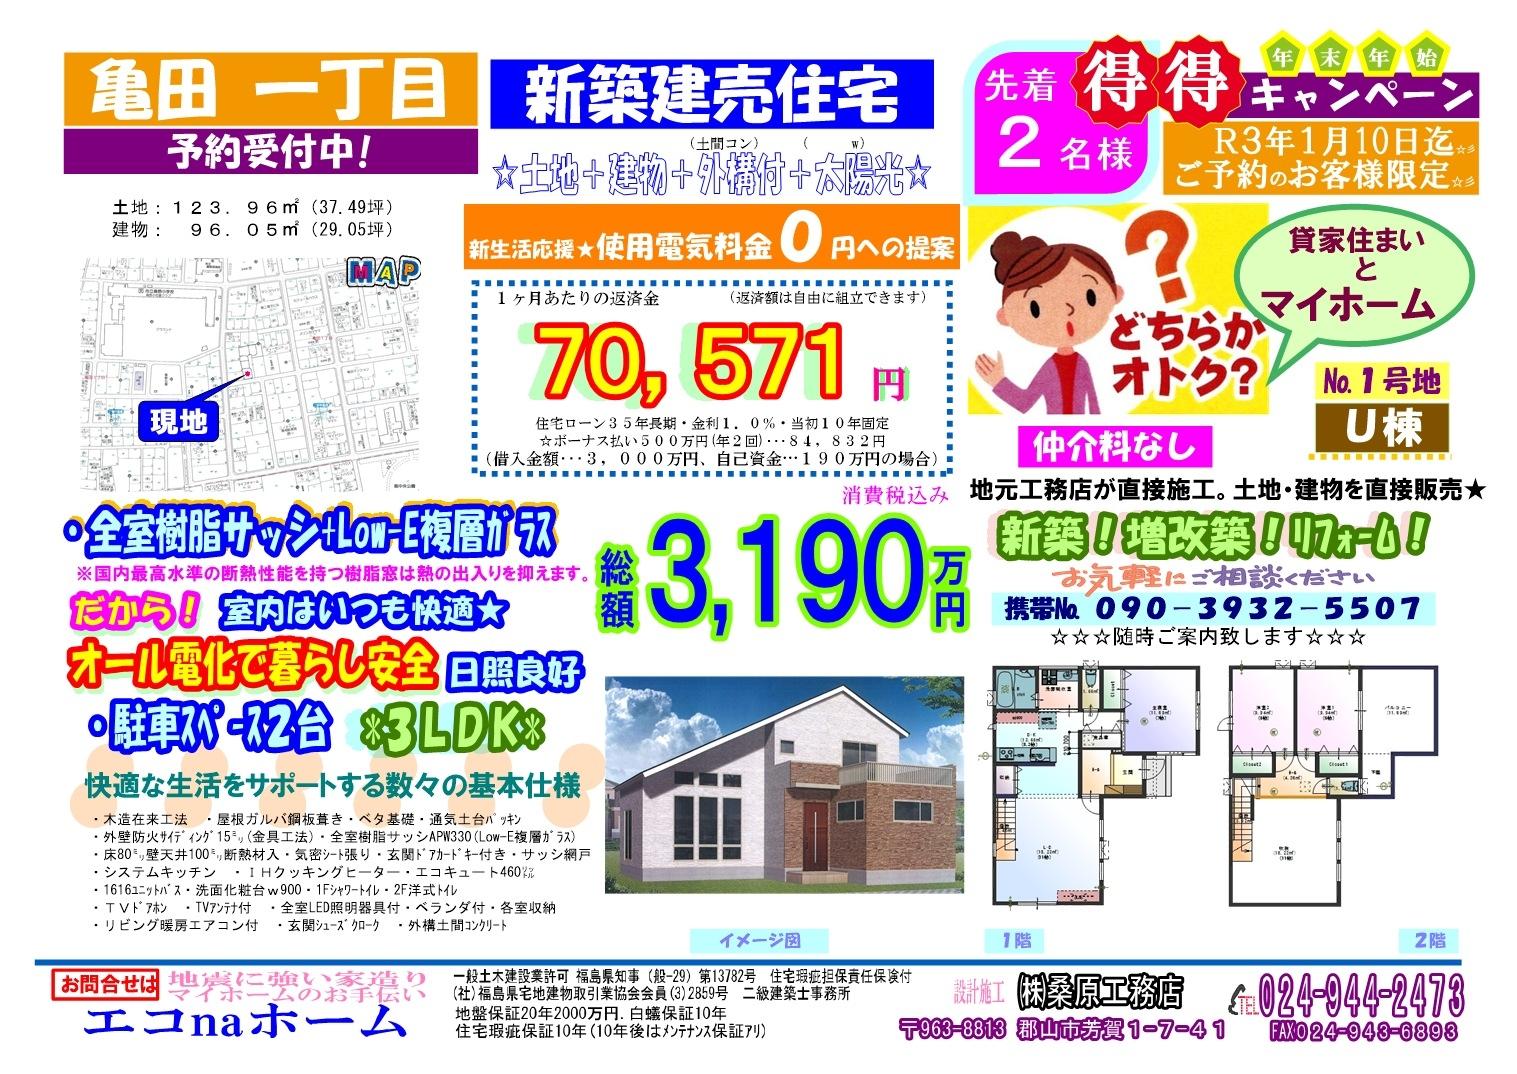 20201229 kameda_01_U.jpg